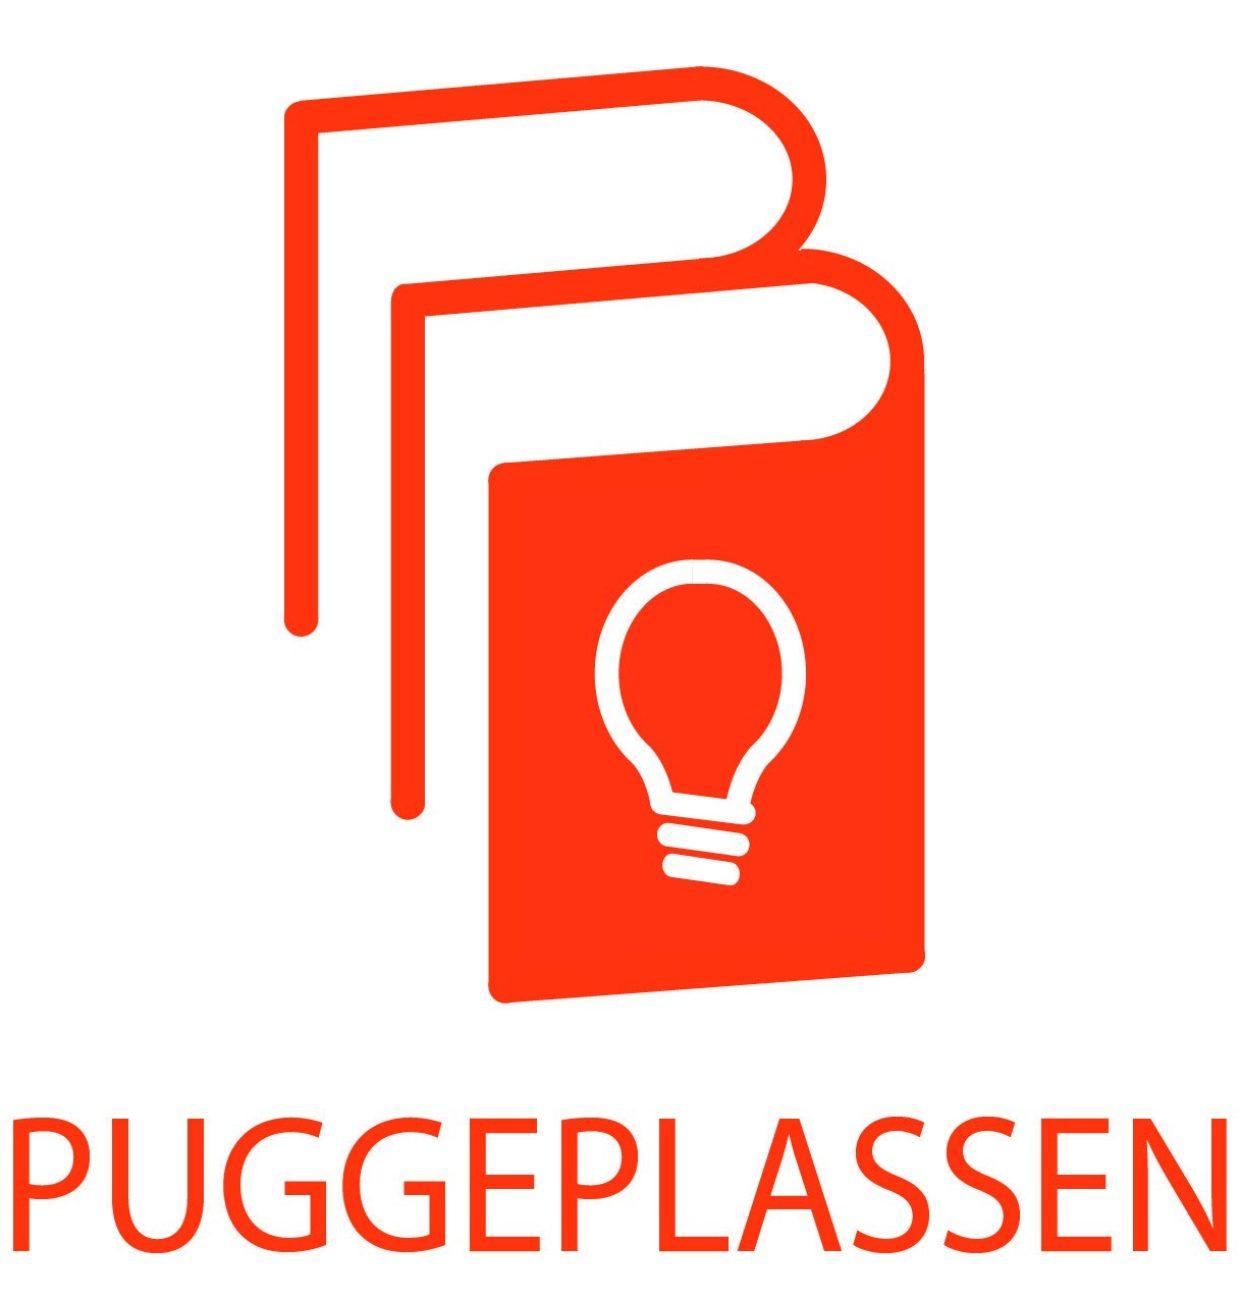 PP logo 1003 m tekst